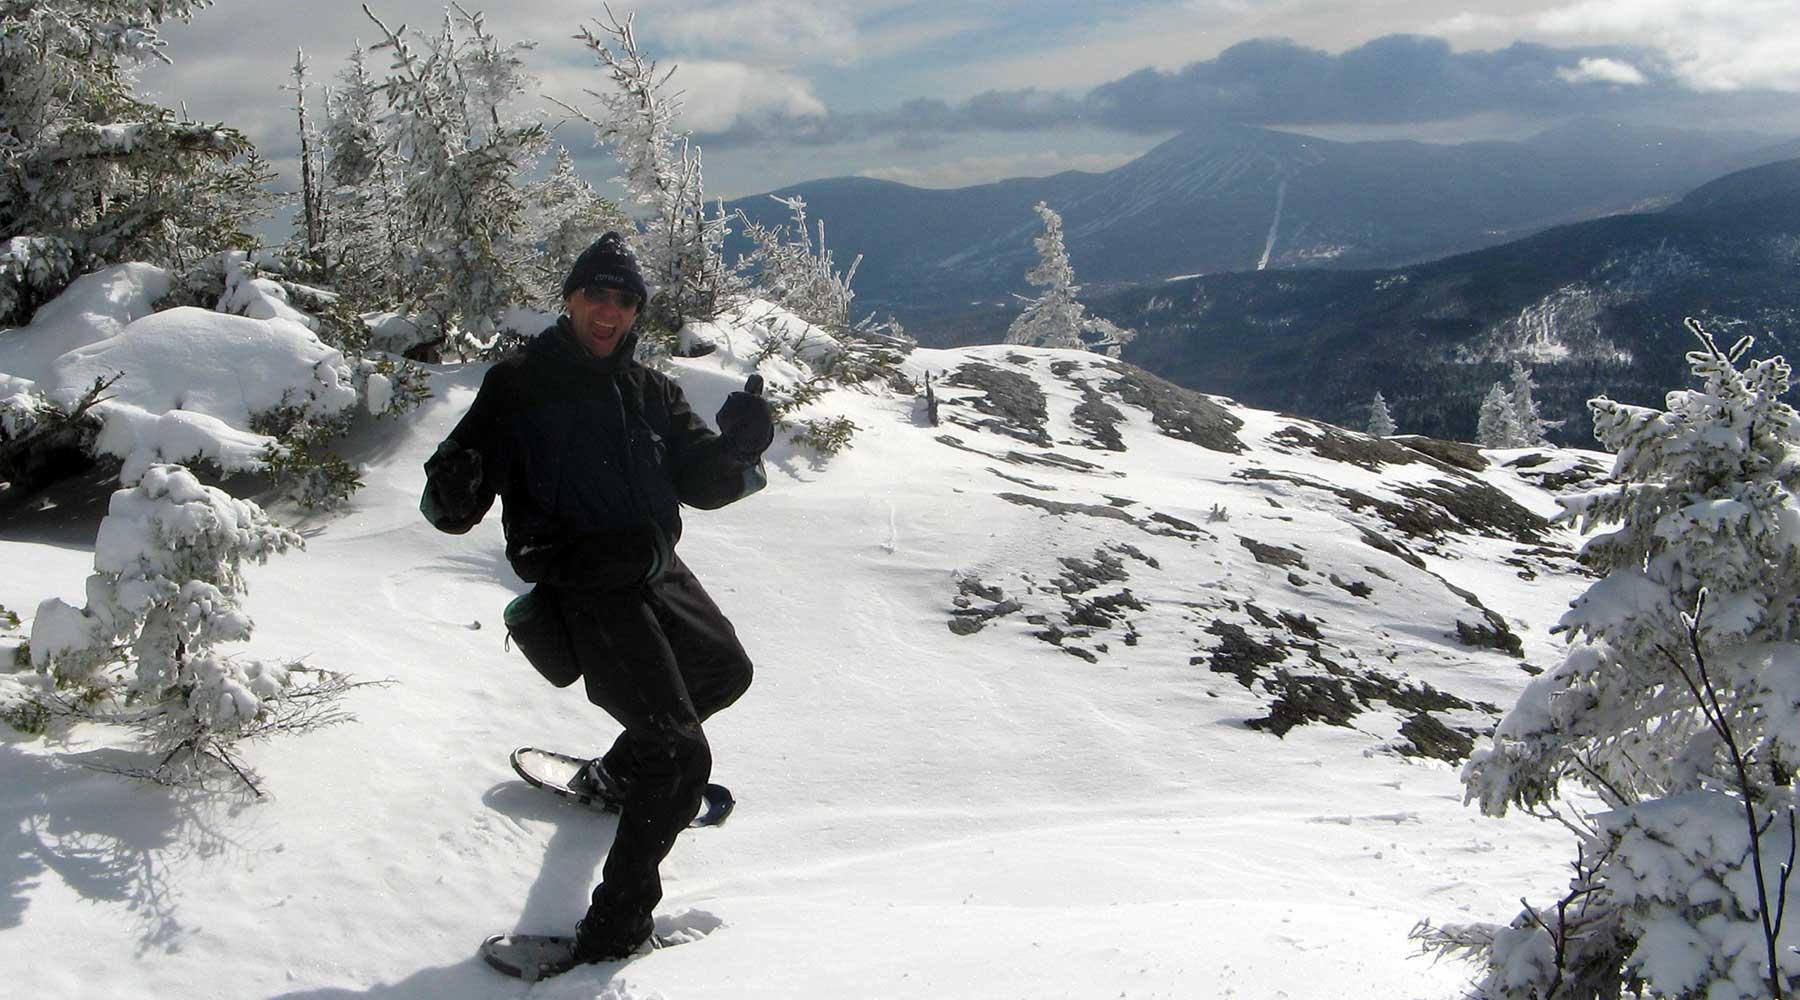 randonner en hiver, randonner l'hiver, randonnée, randonné, hiver, hivernal, hivernale, chinook voyage, voyage d'aventure, Biglow